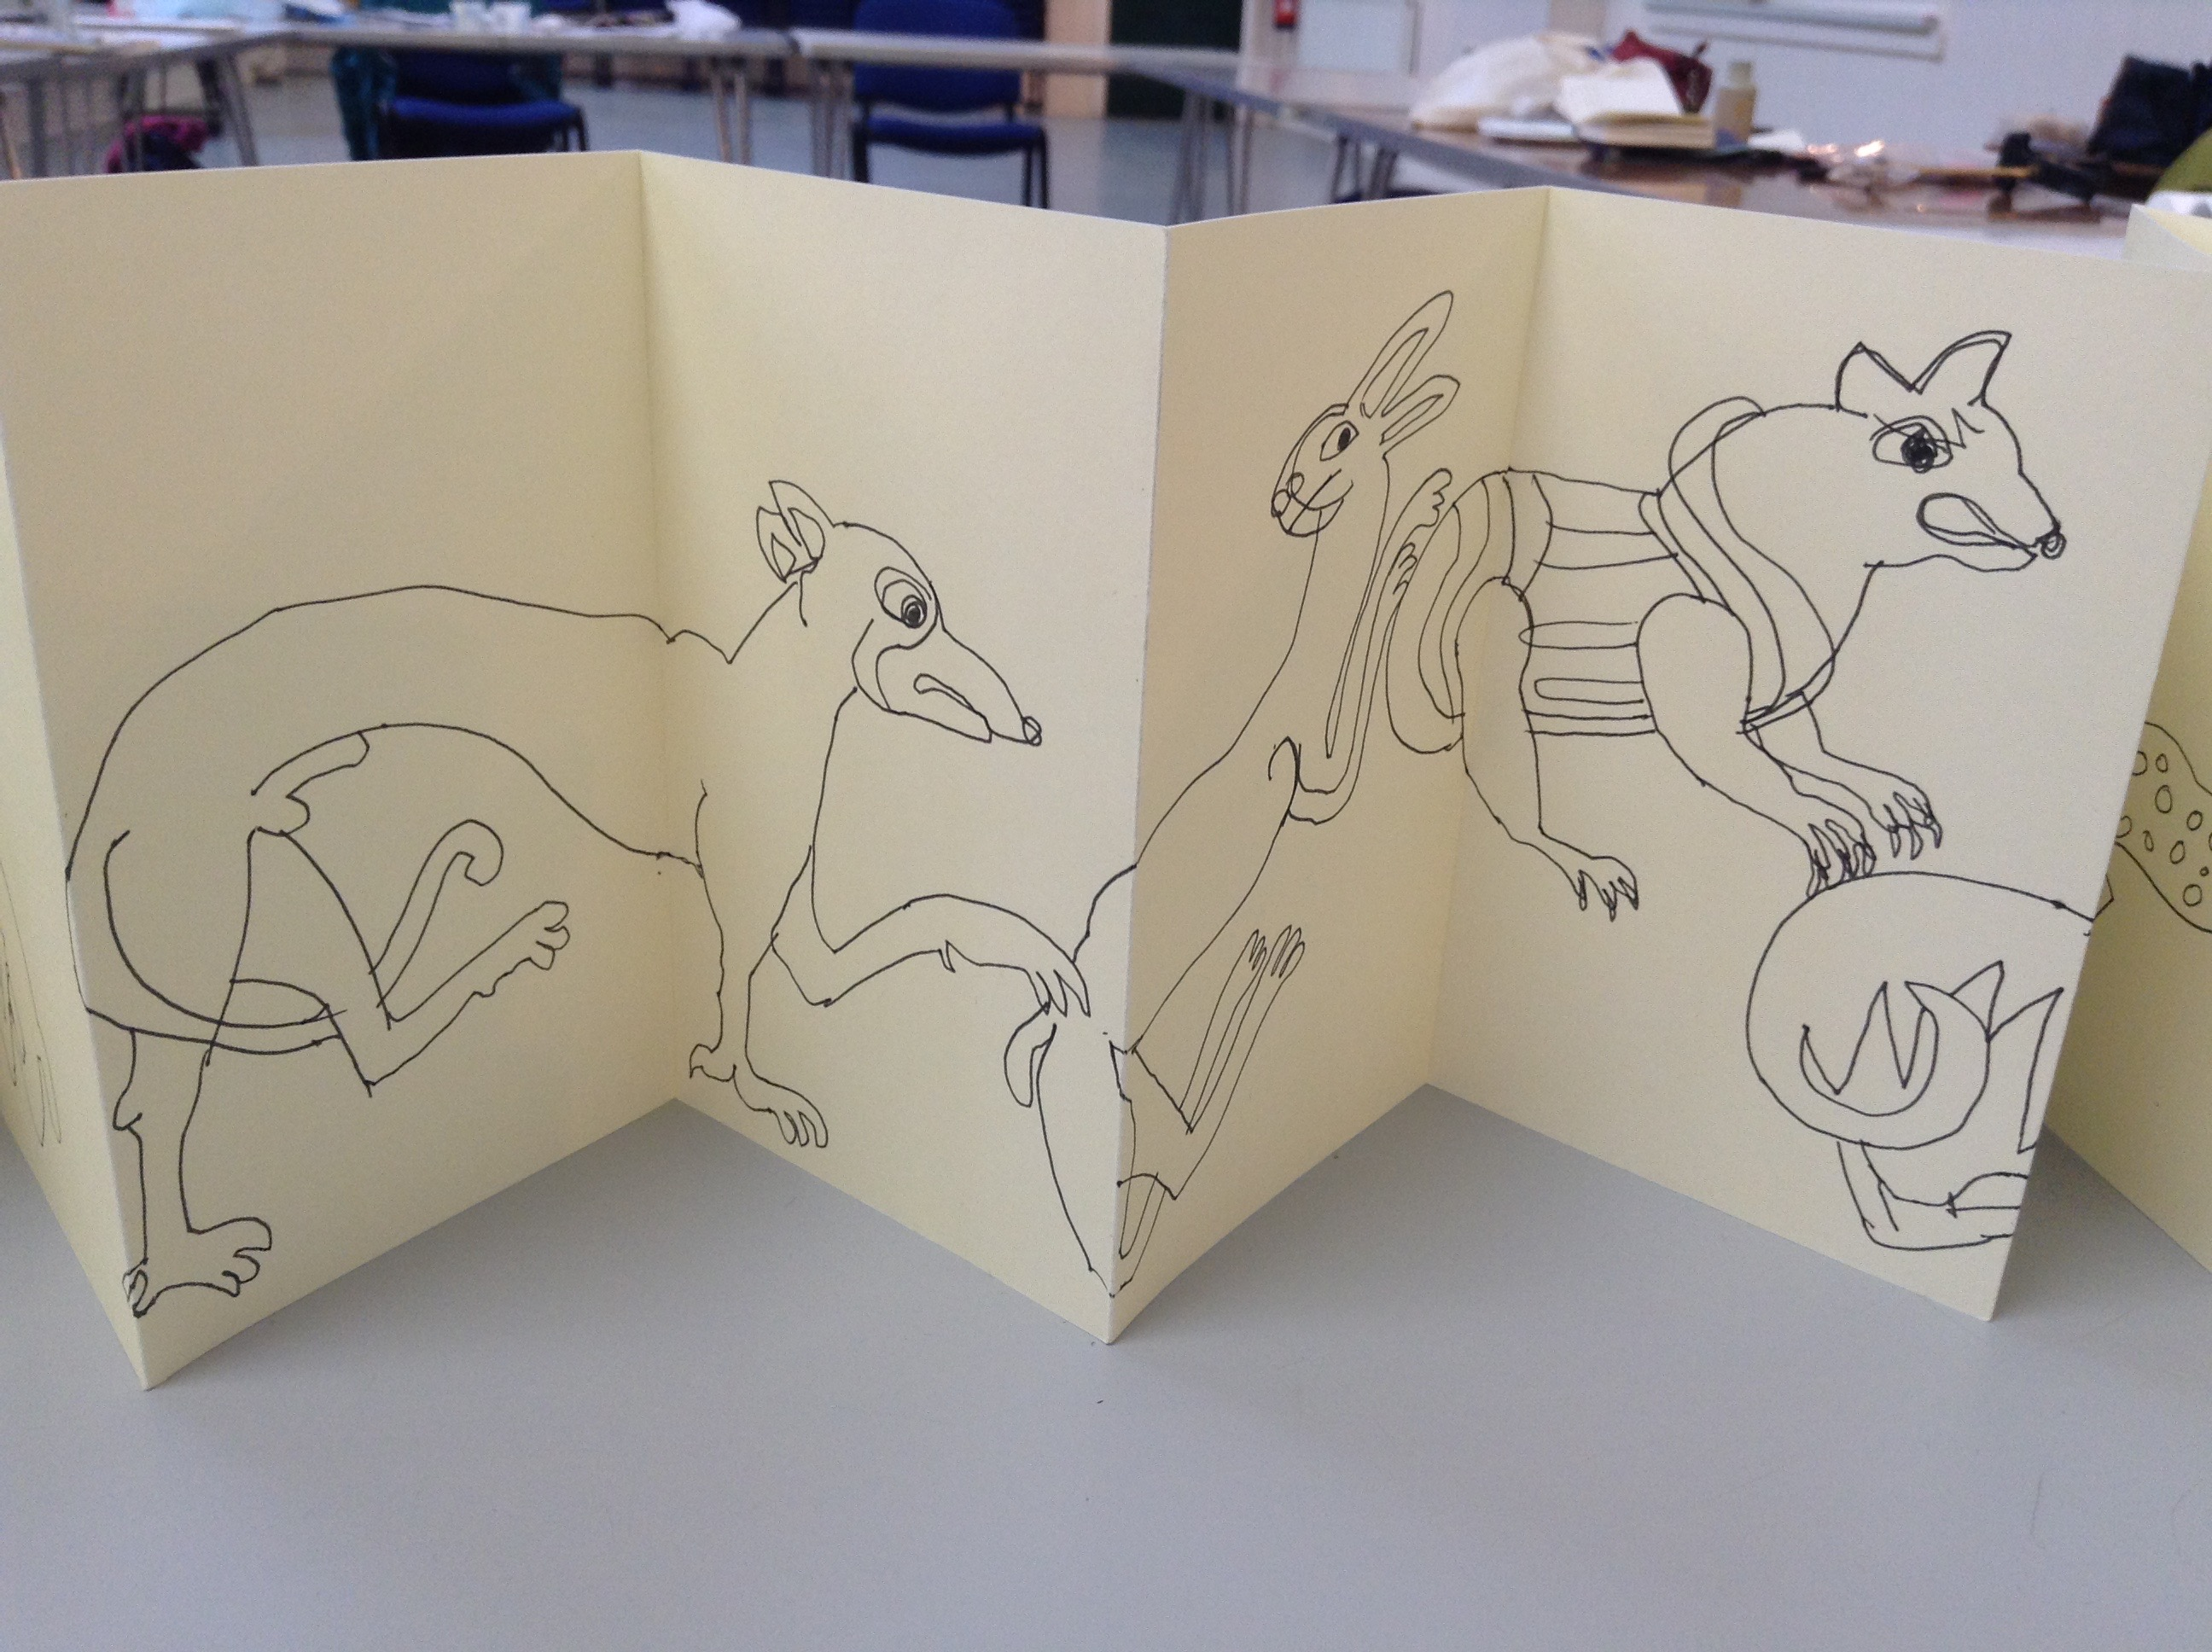 Kells Margins Sketch Book 004